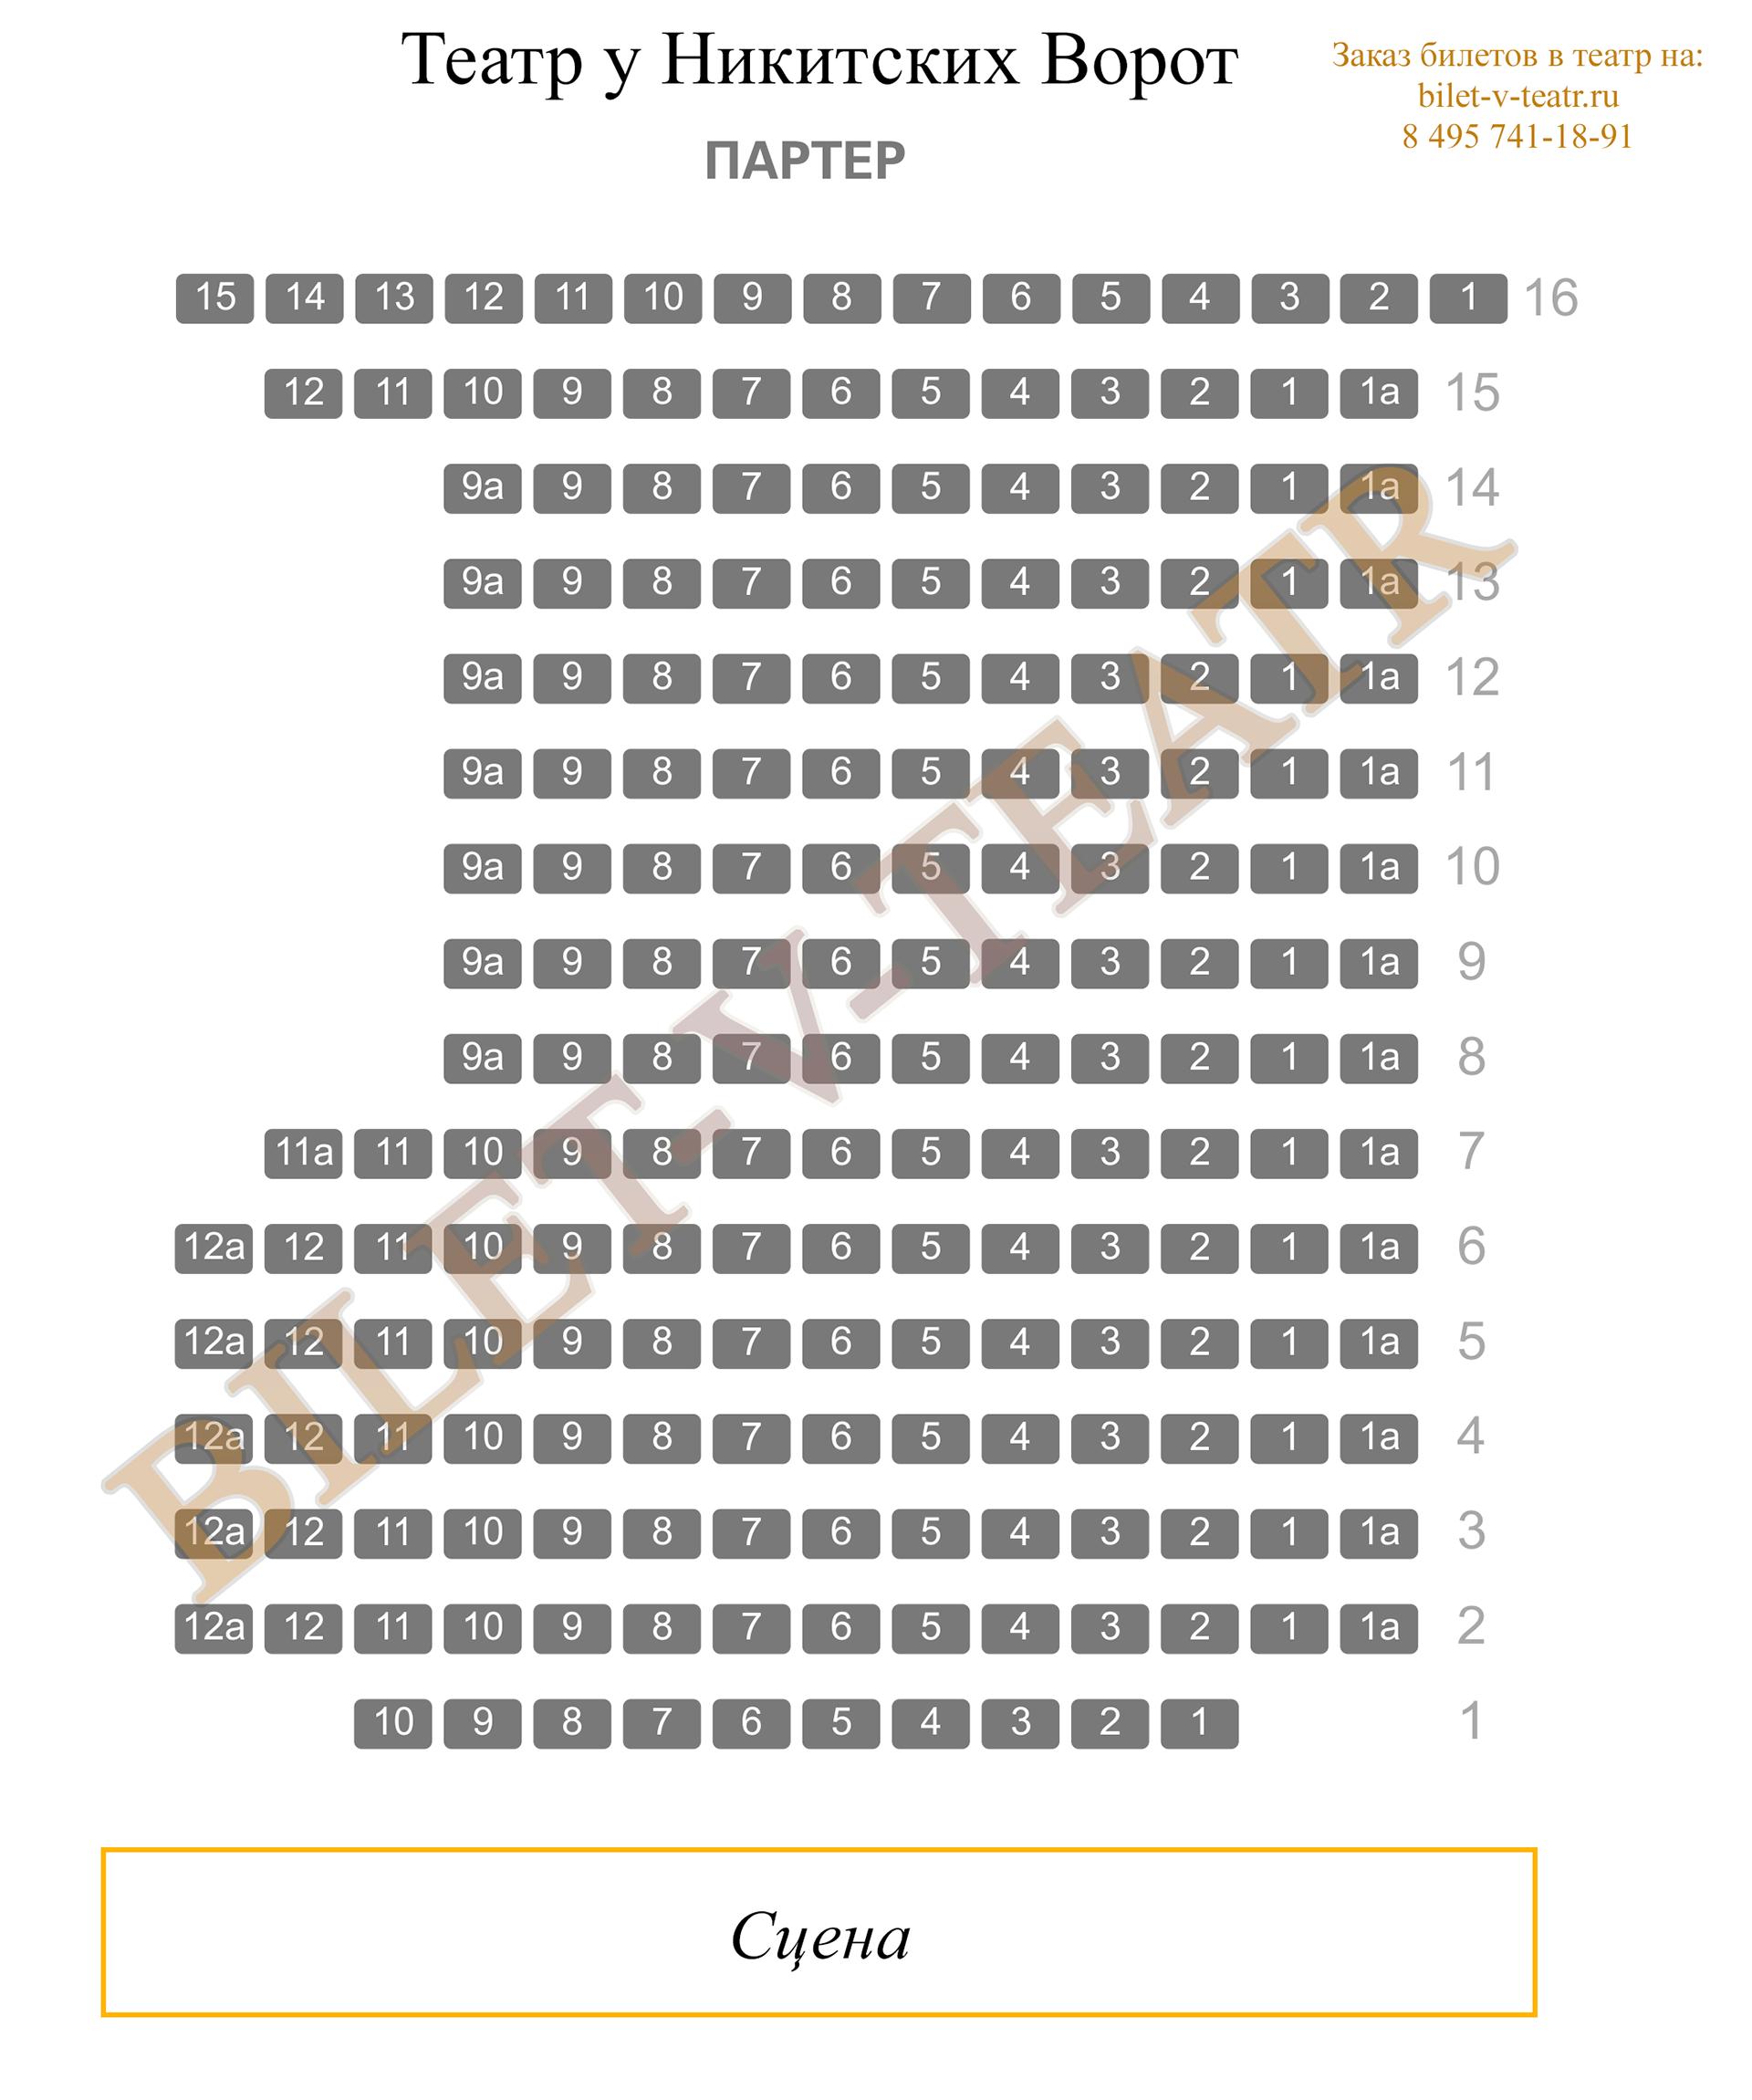 Схема зала театр у никитских ворот